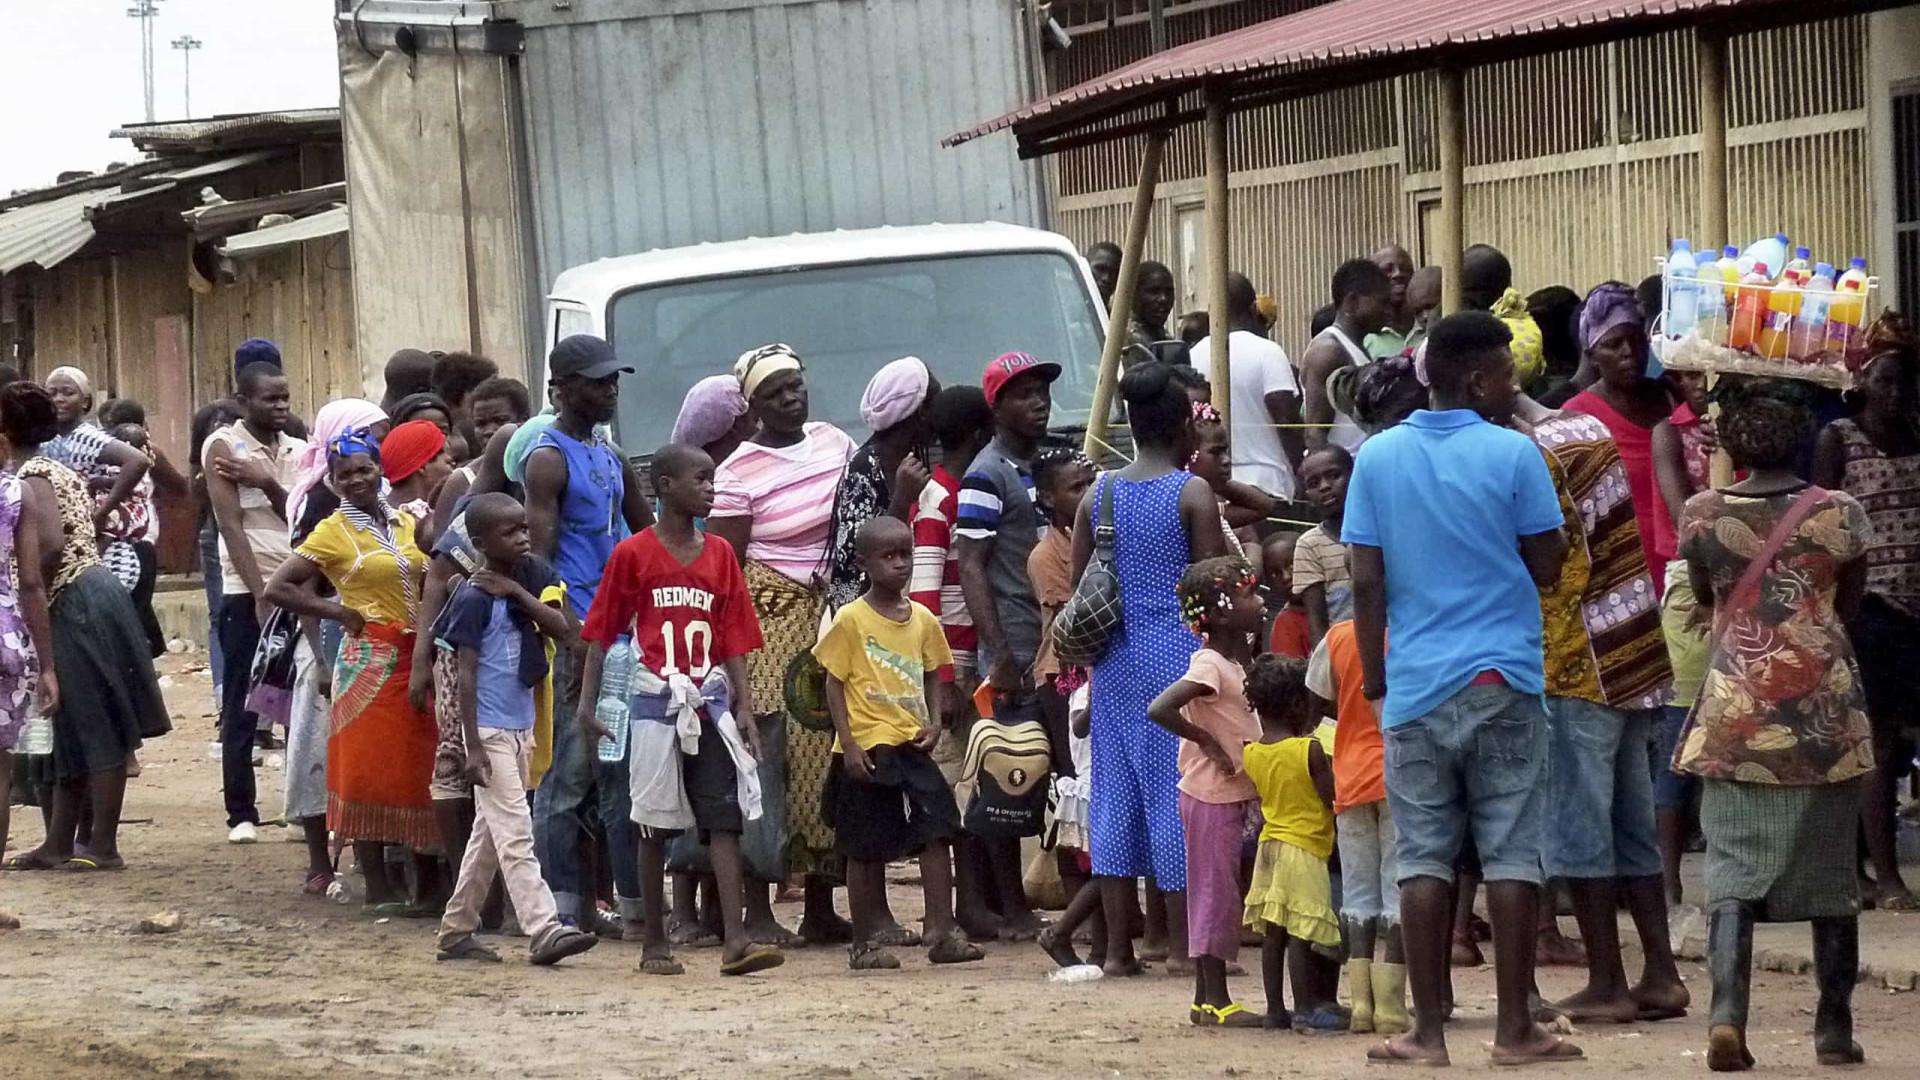 União Europeia financia revitalização da formação profissional em Angola